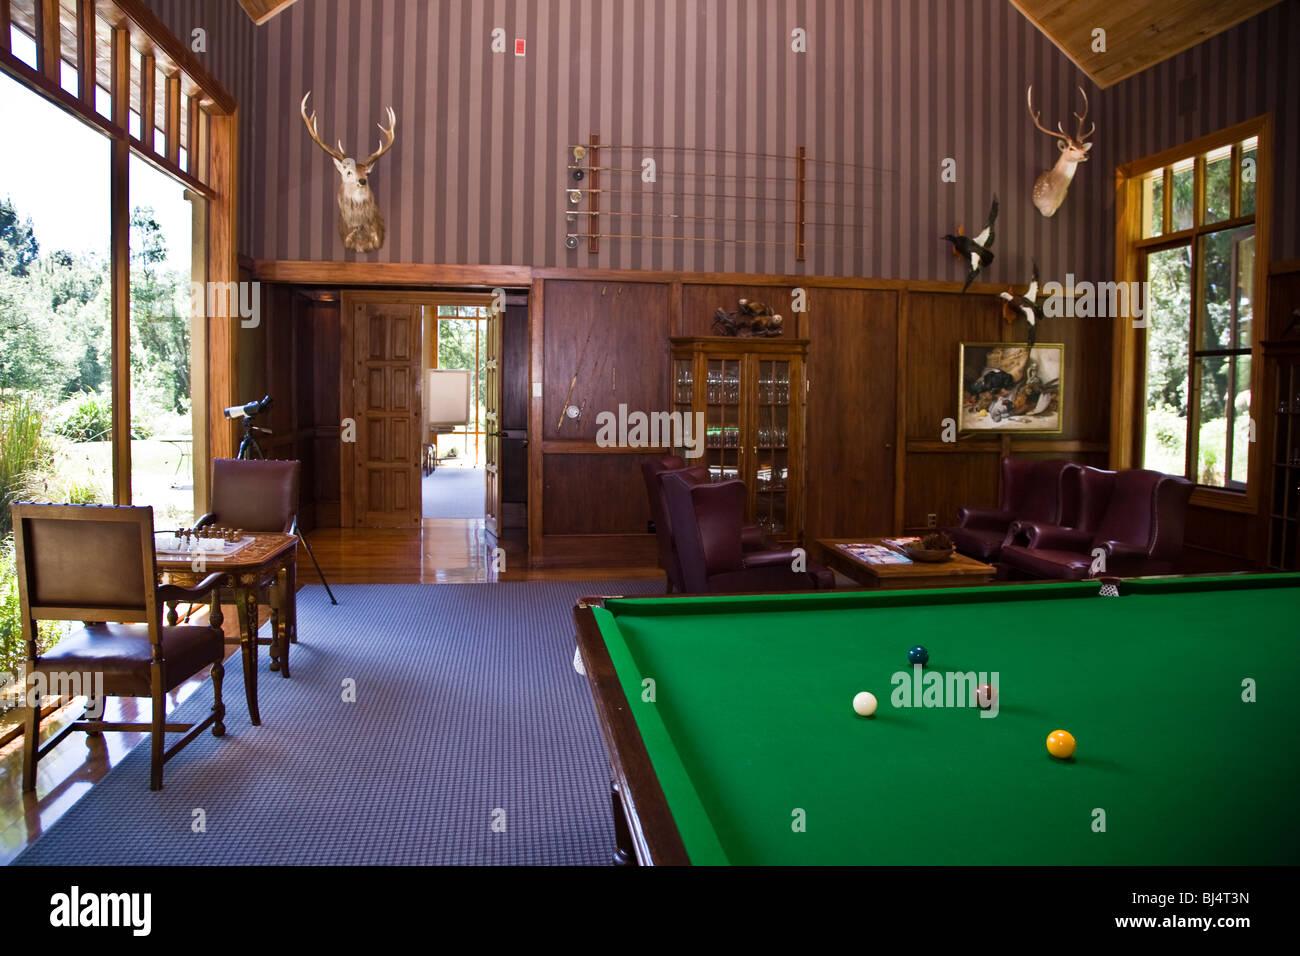 Der Billard-Raum in der Main Lodge in der Wildnis Luxusresort Baumkronen in der Nähe von Rotorua Neuseeland Stockbild